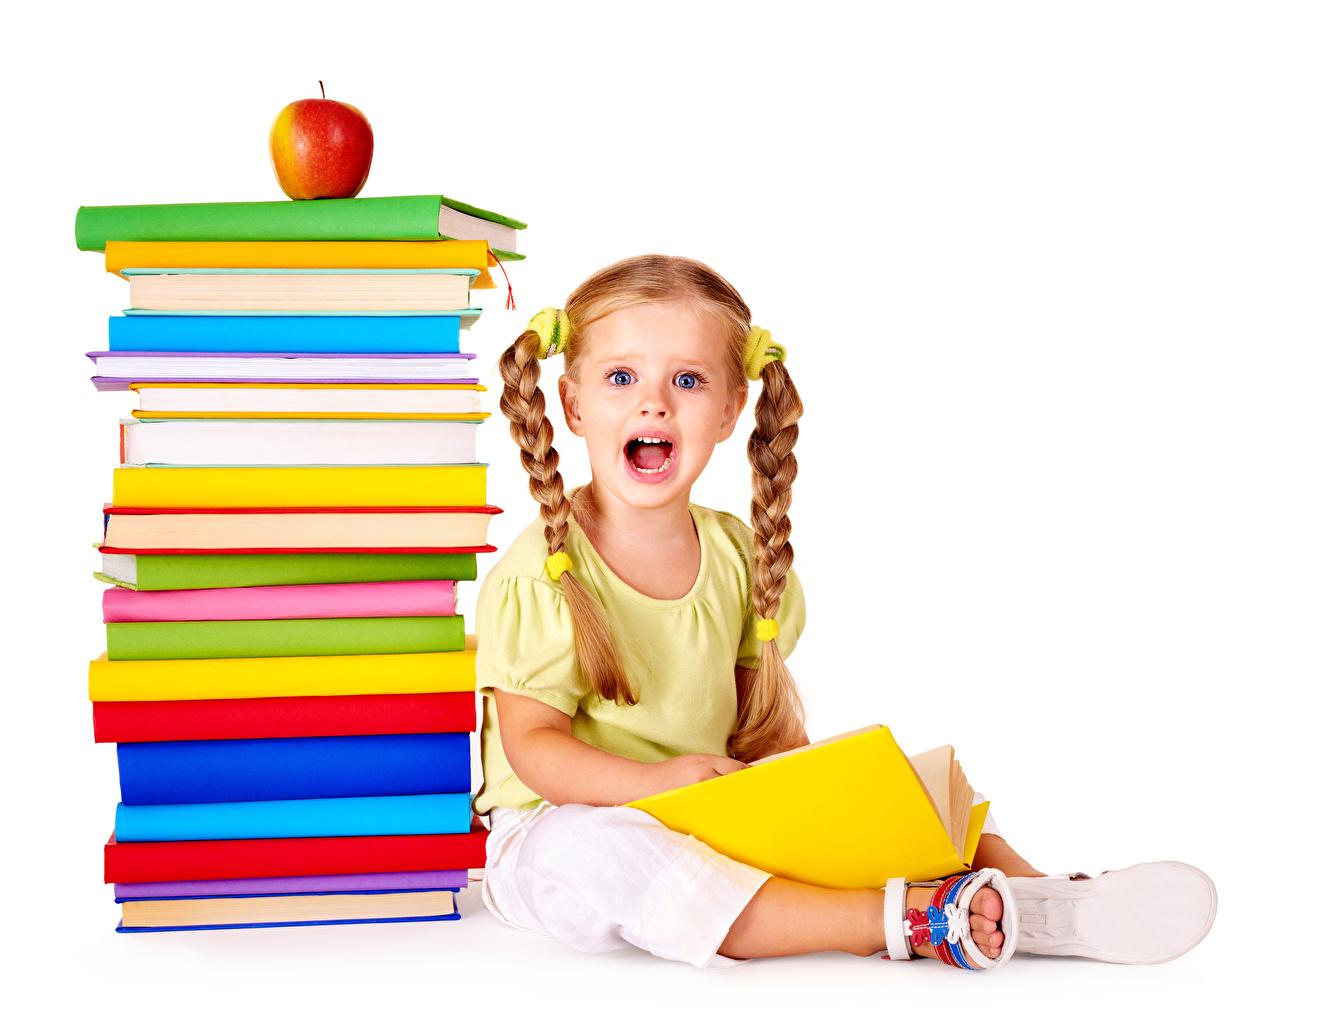 Картинки Девочки школьные удивлена Дети Яблоки книги Белый фон девочка Школа удивлен Удивление эмоции изумление ребёнок Книга белом фоне белым фоном